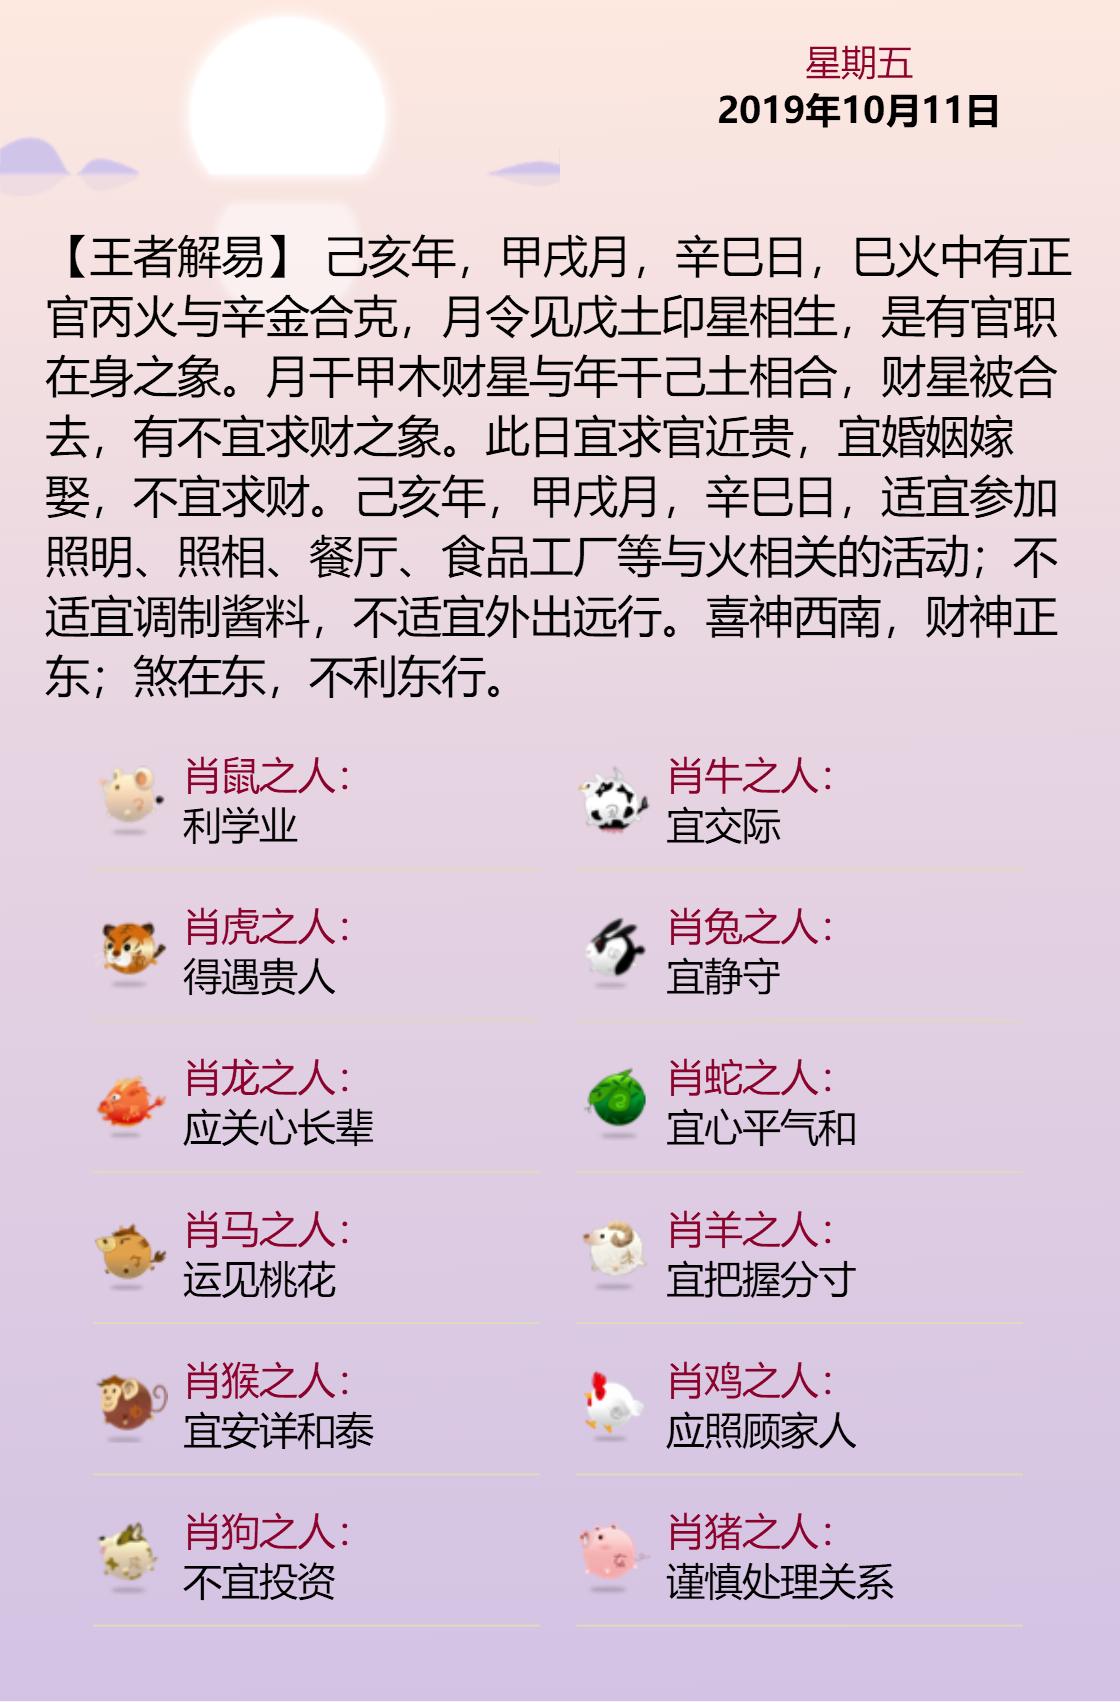 黄历海报20191011.png